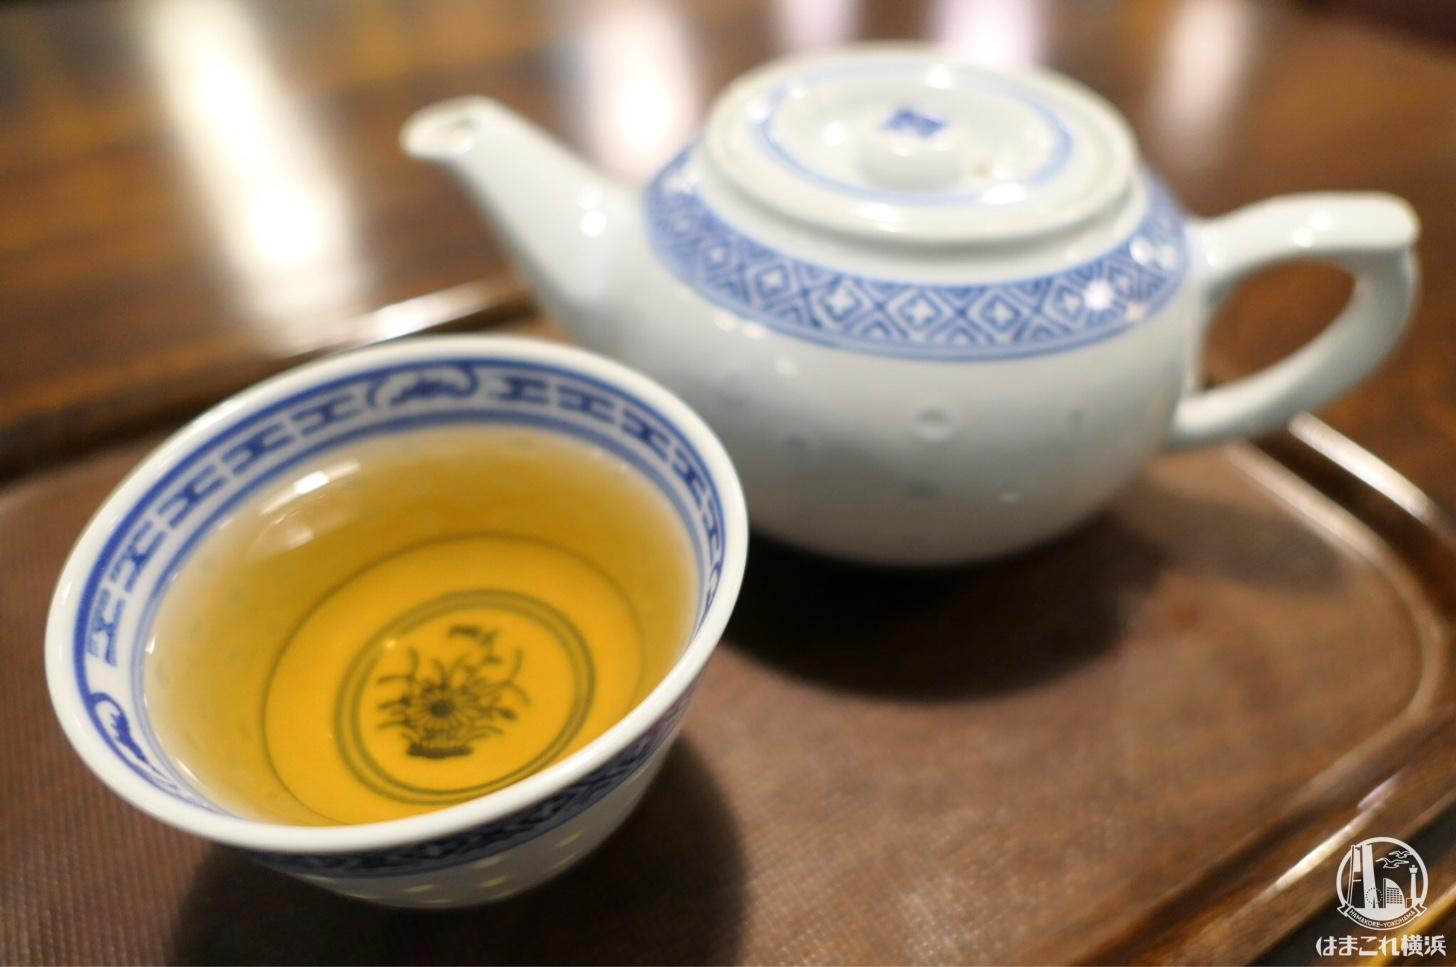 横浜中華街「萬来行(バンライコウ)」はワンコインで中国茶が飲める穴場カフェ